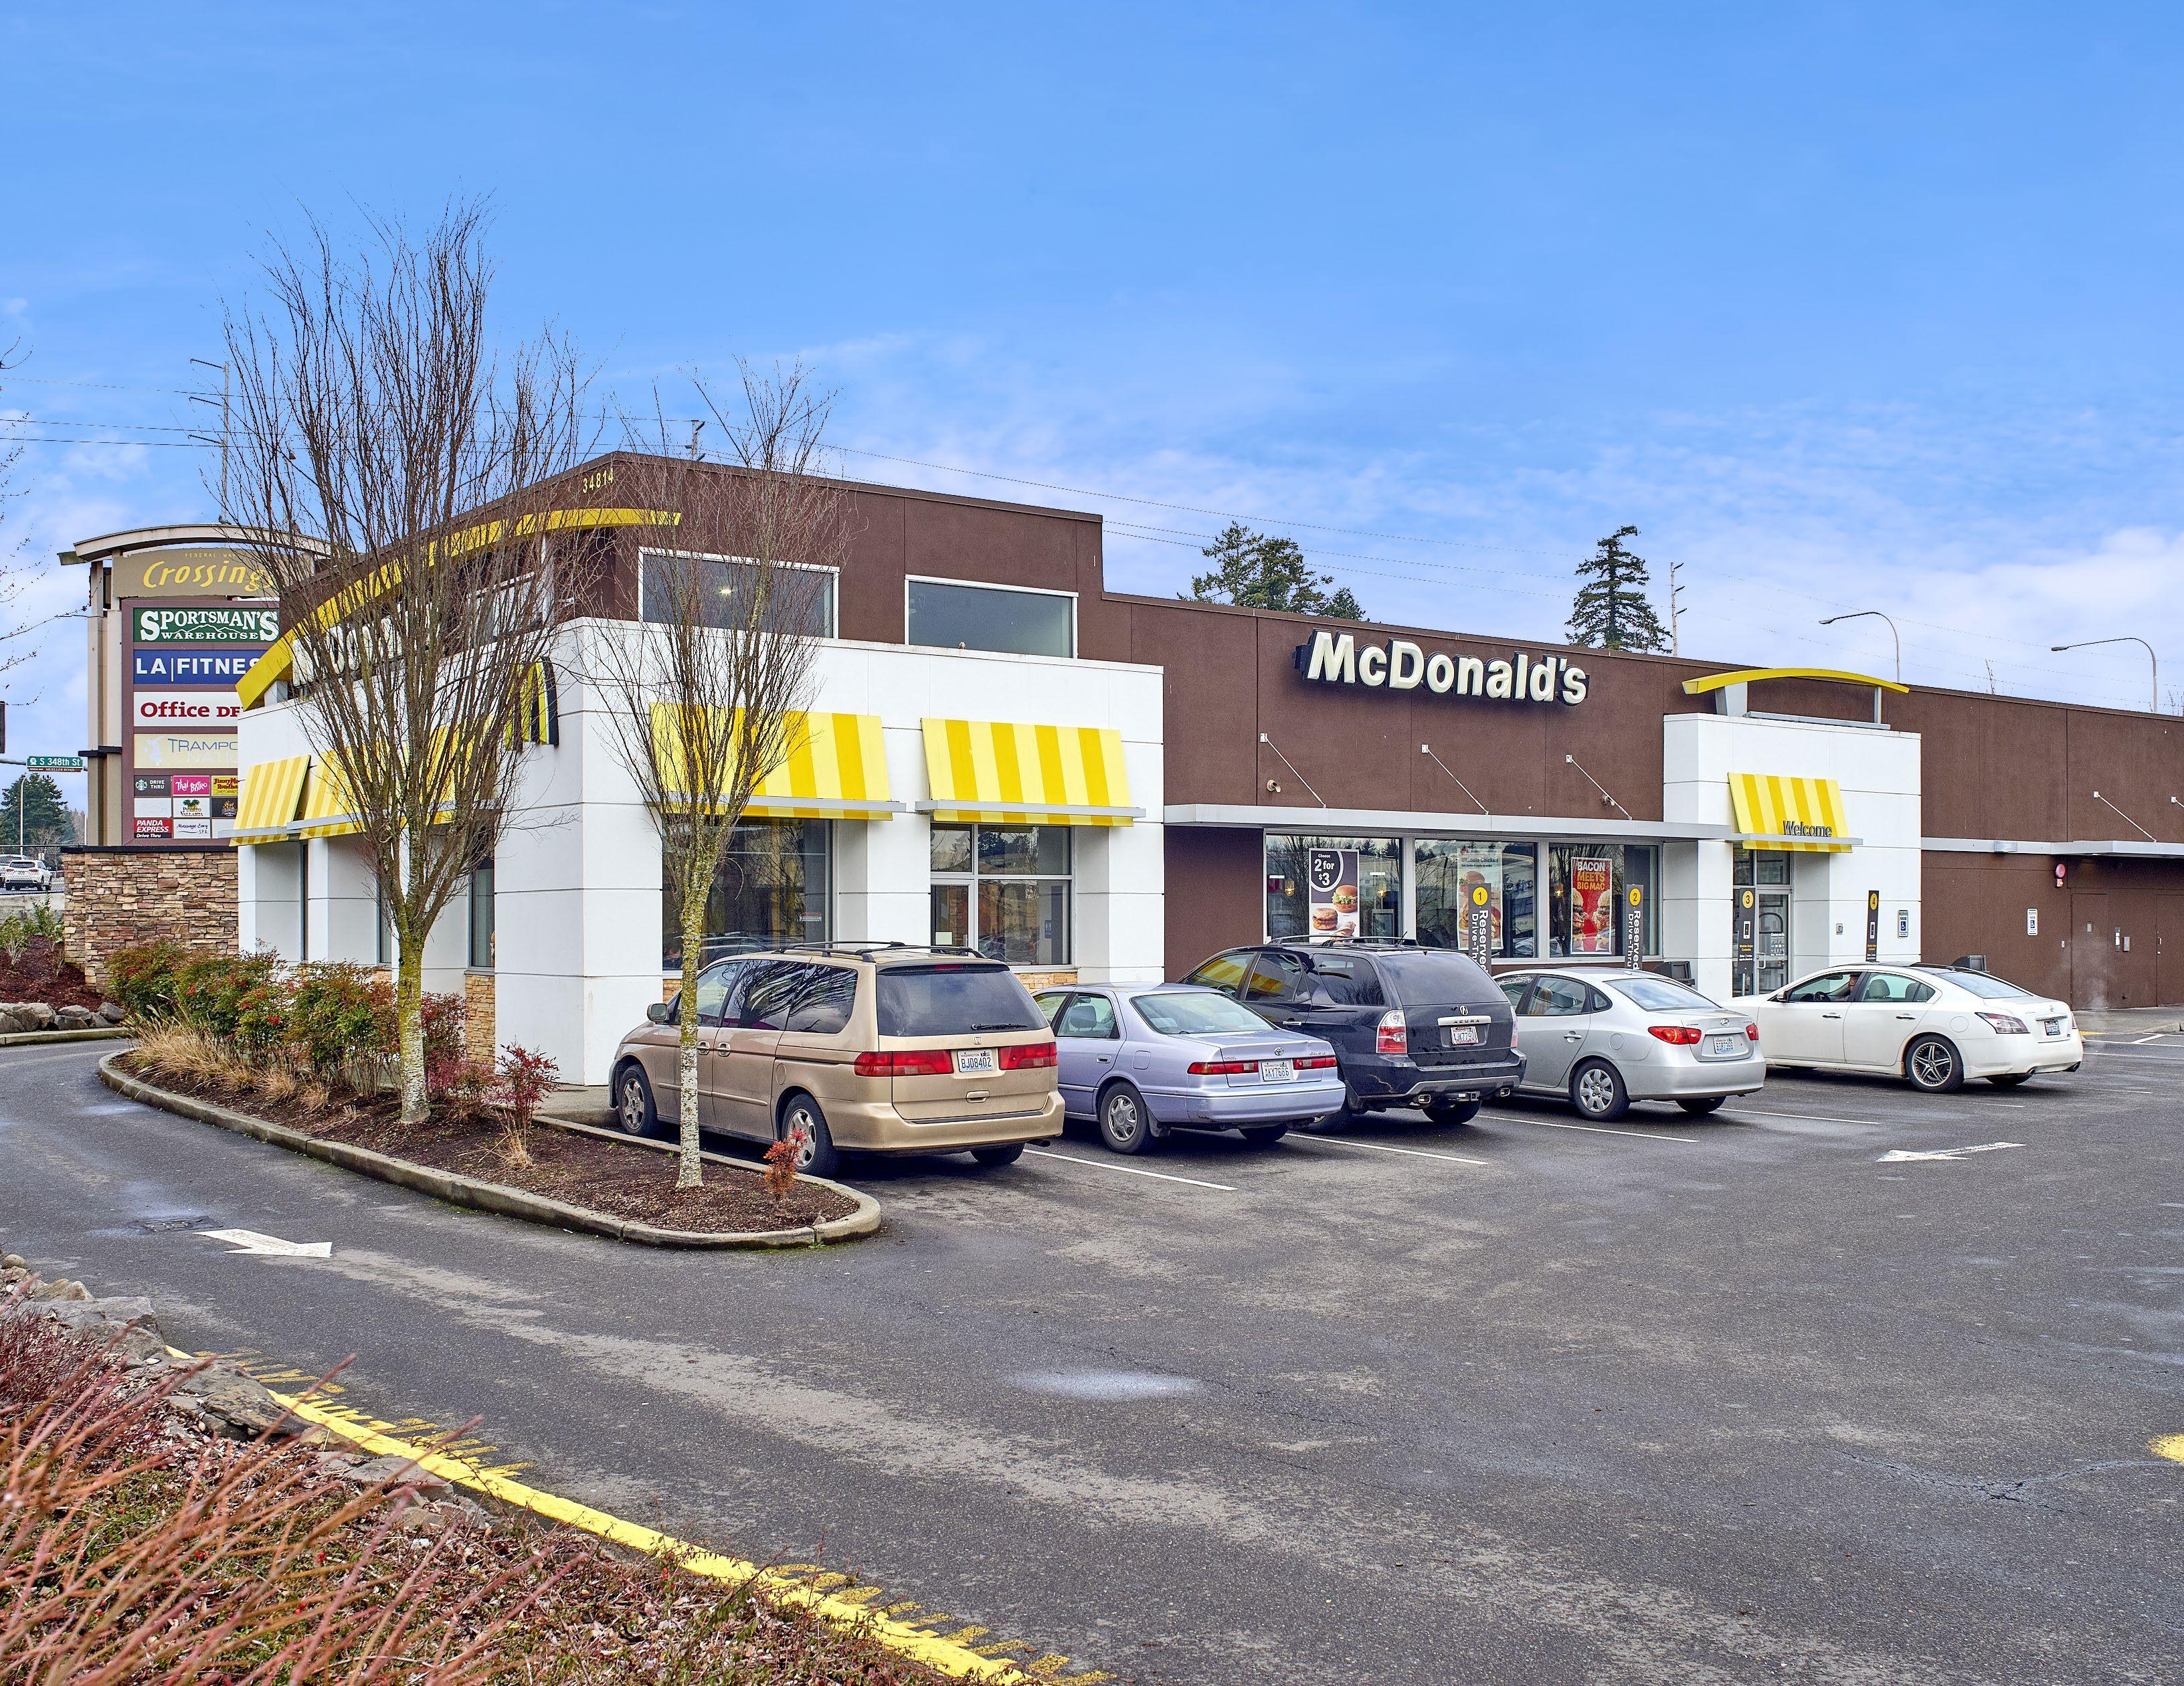 华盛顿州Federal Way市麦当劳,NNN租约,回报率4.4%